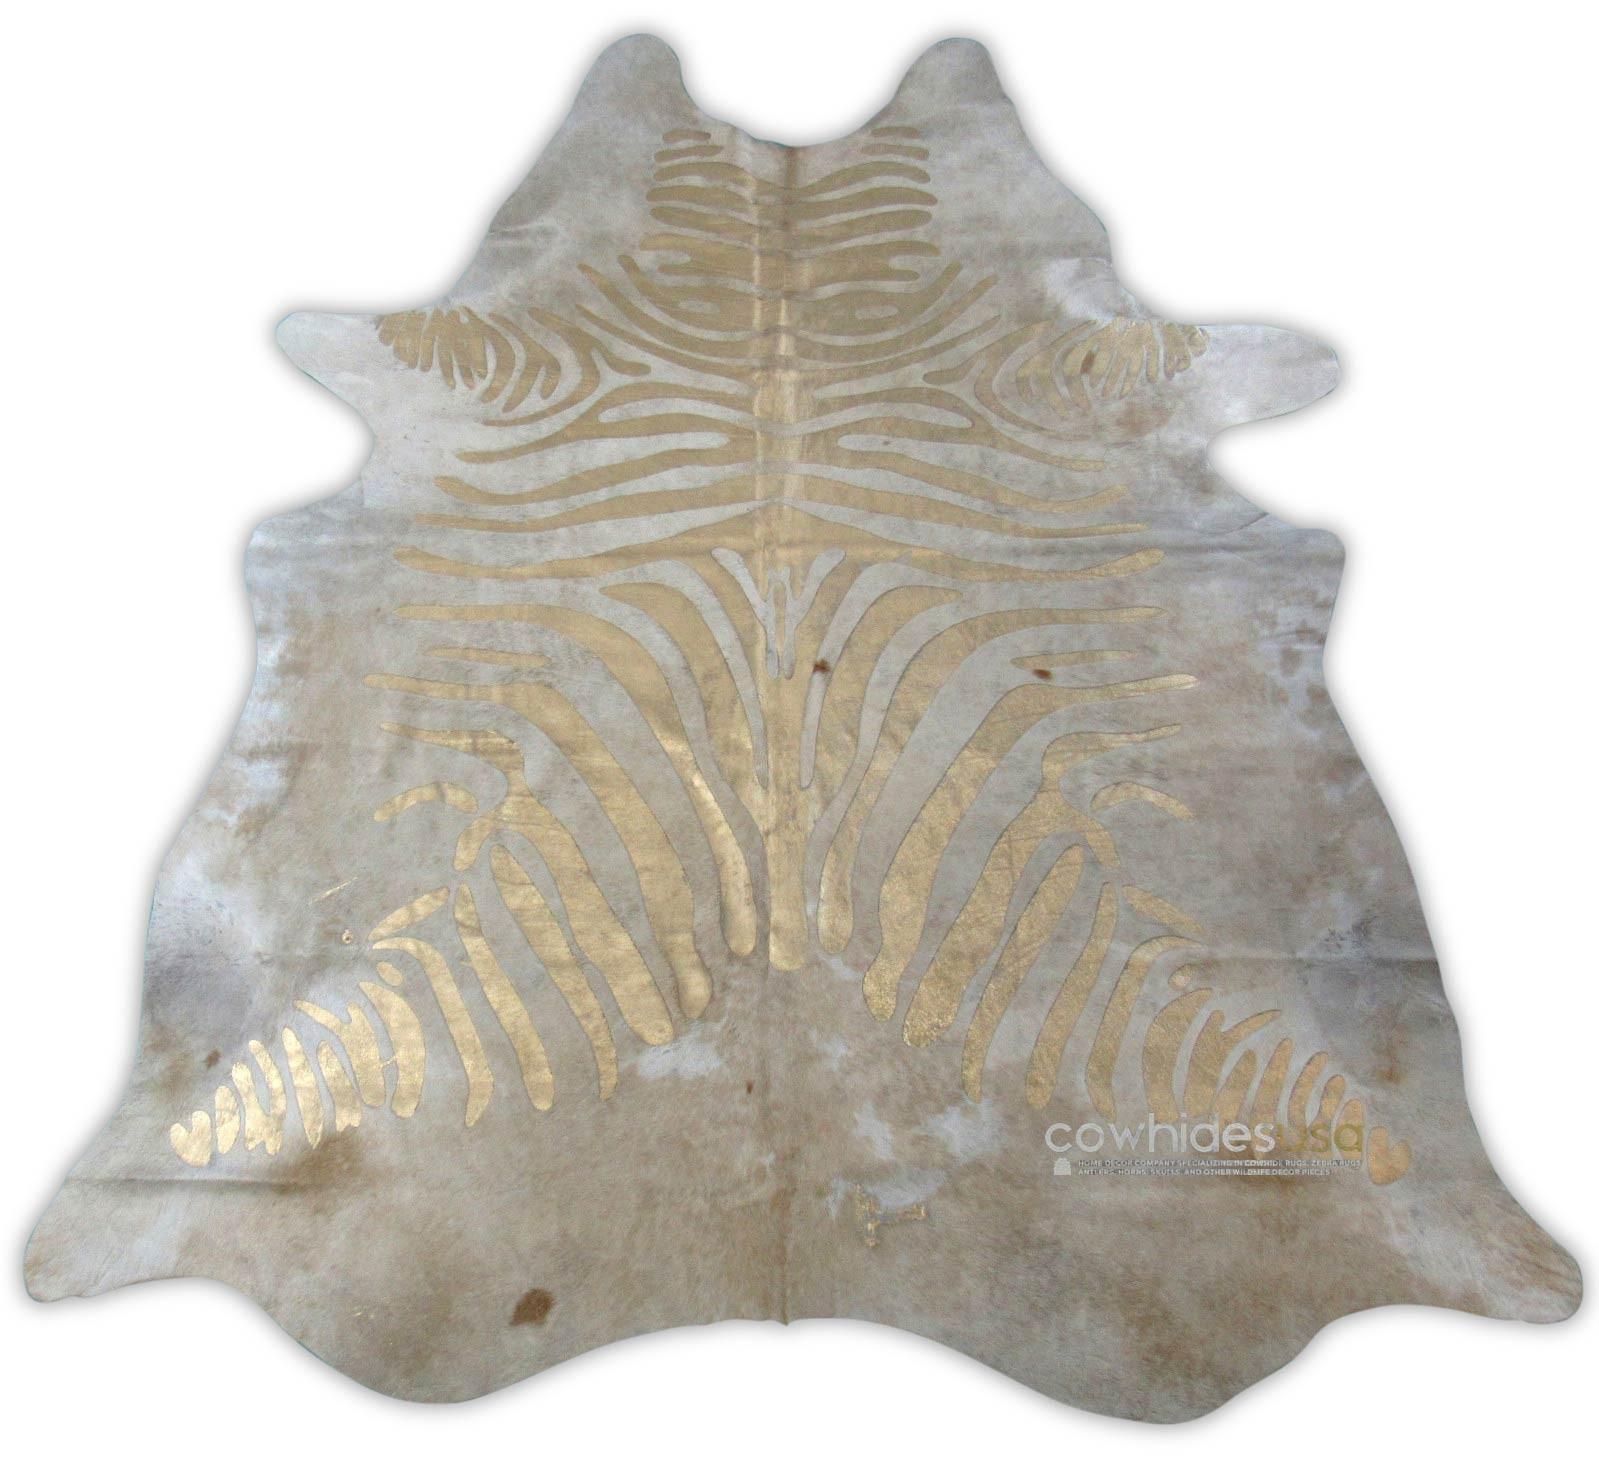 More Views Metallic Zebra Printed Cowhide Rug